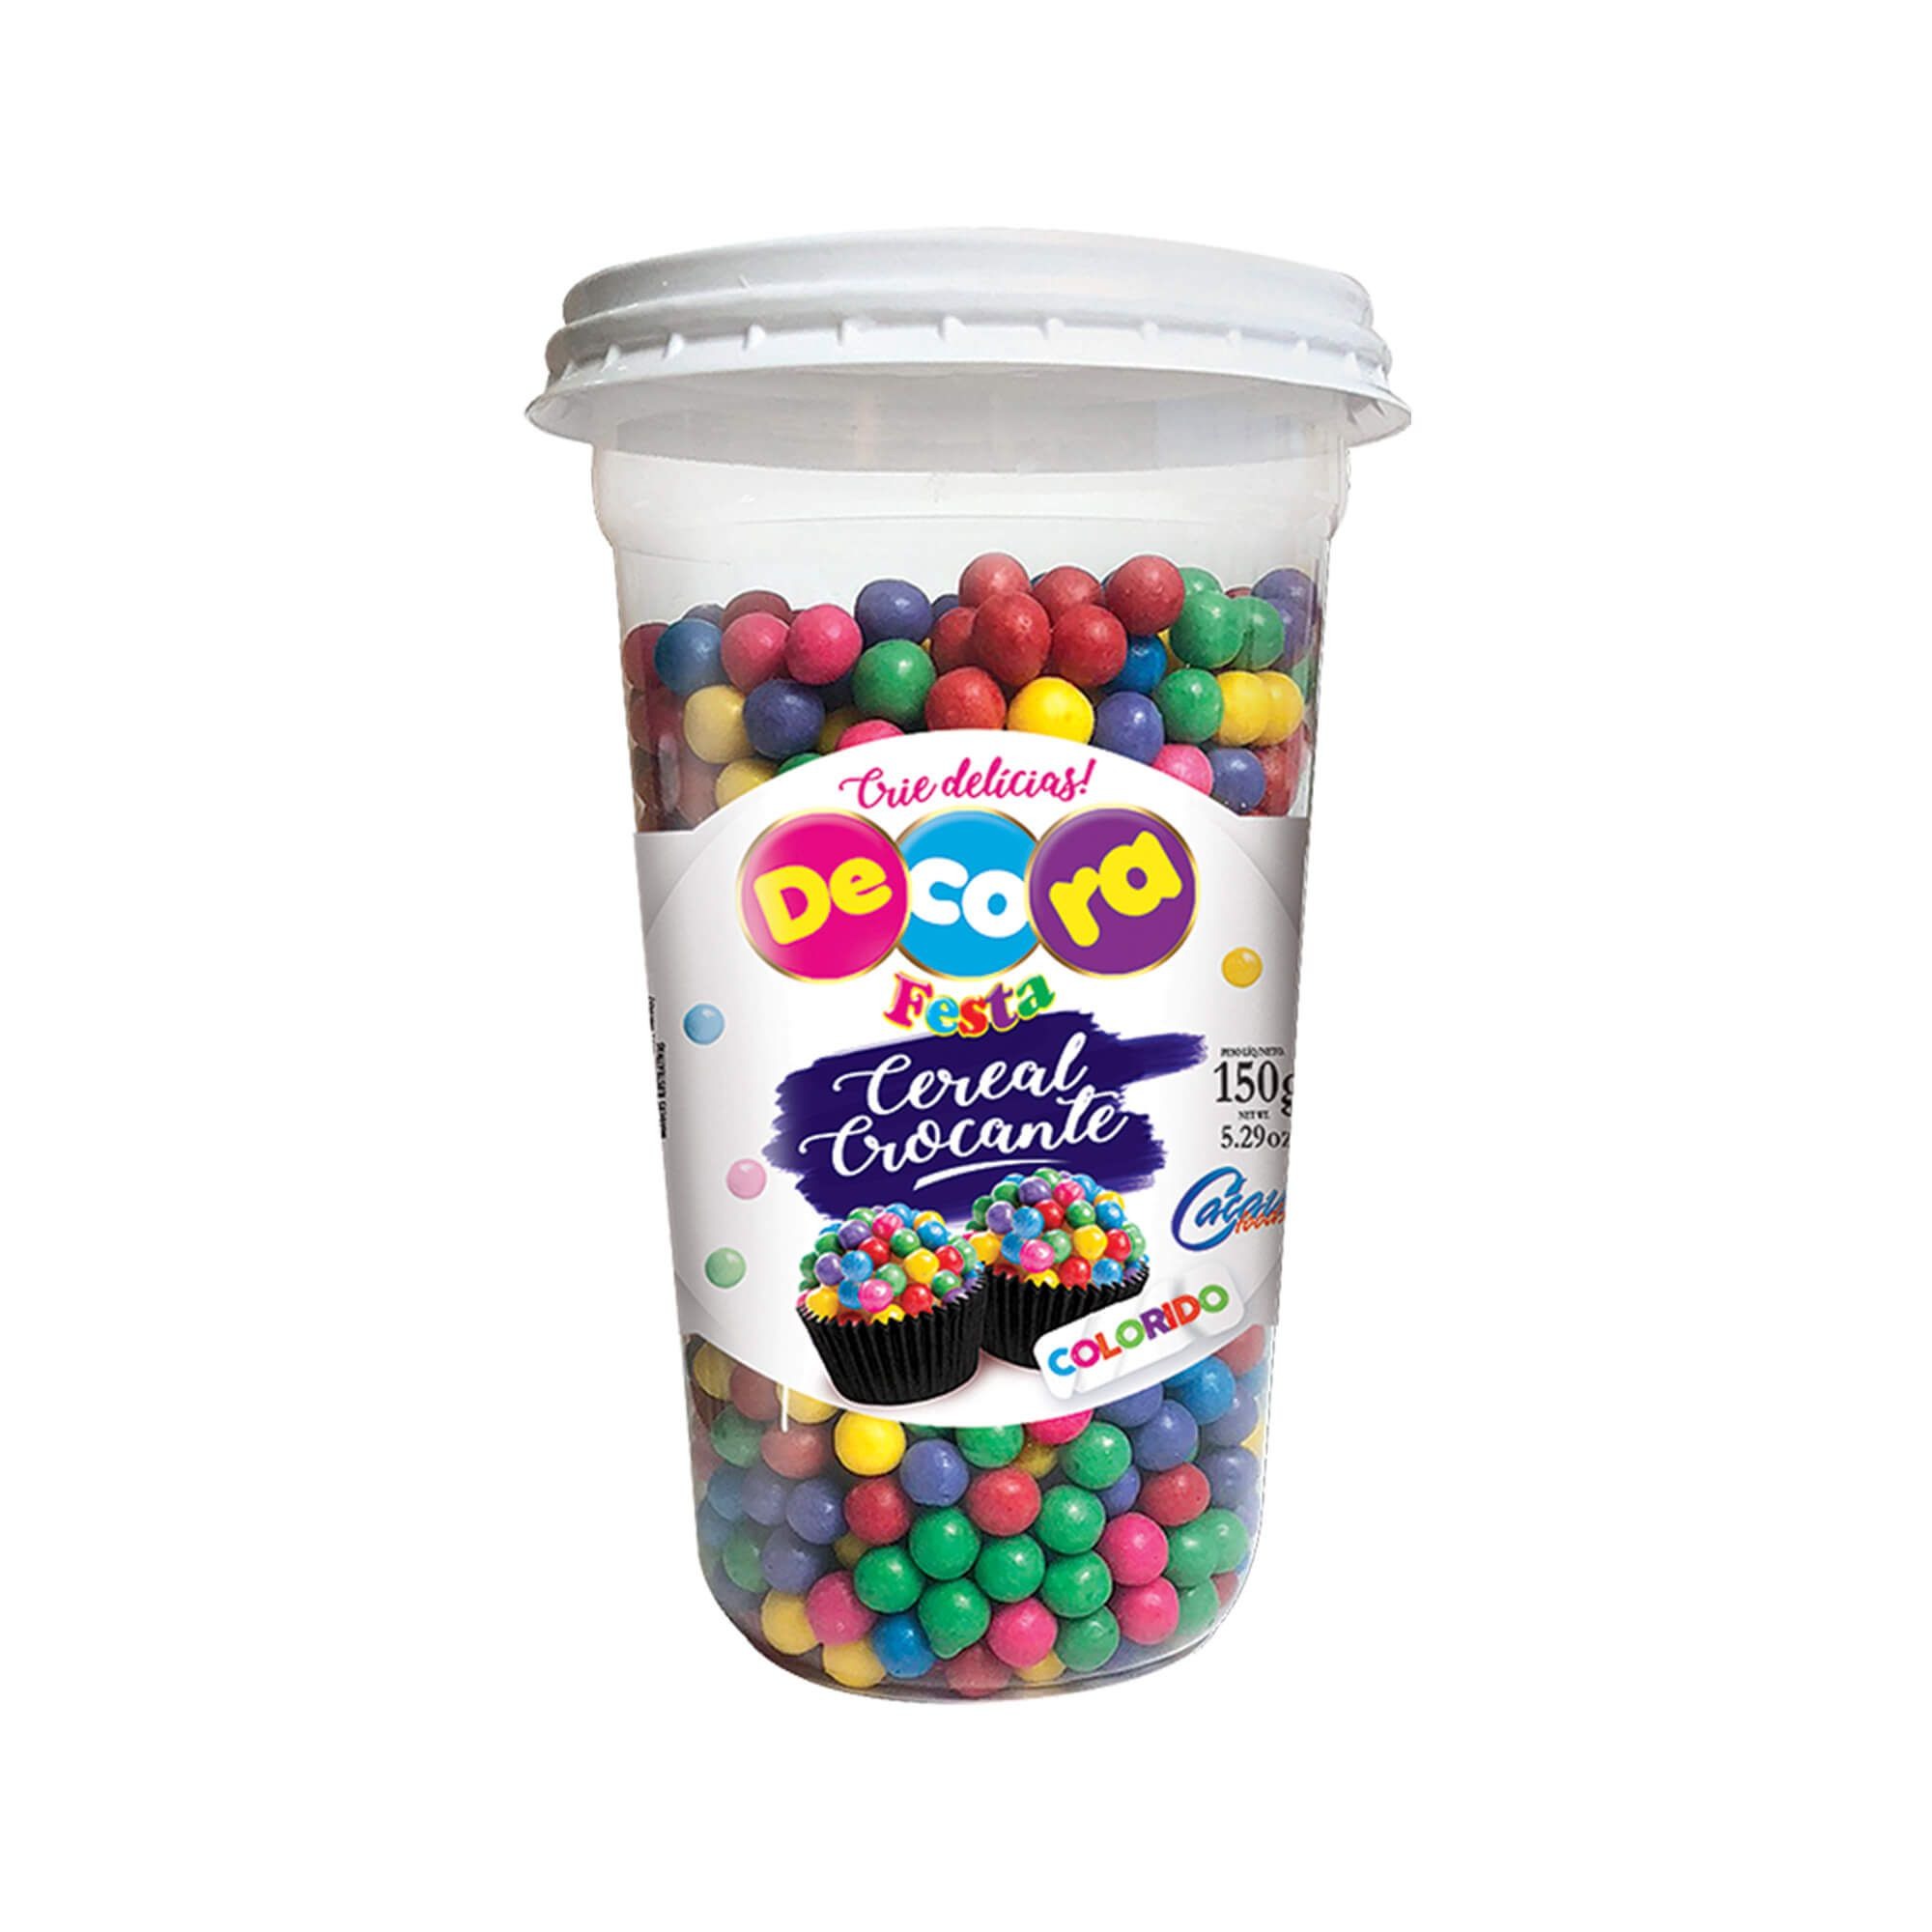 Mini Cereal Crocante Vibrante Decora Colorido Copo 150G